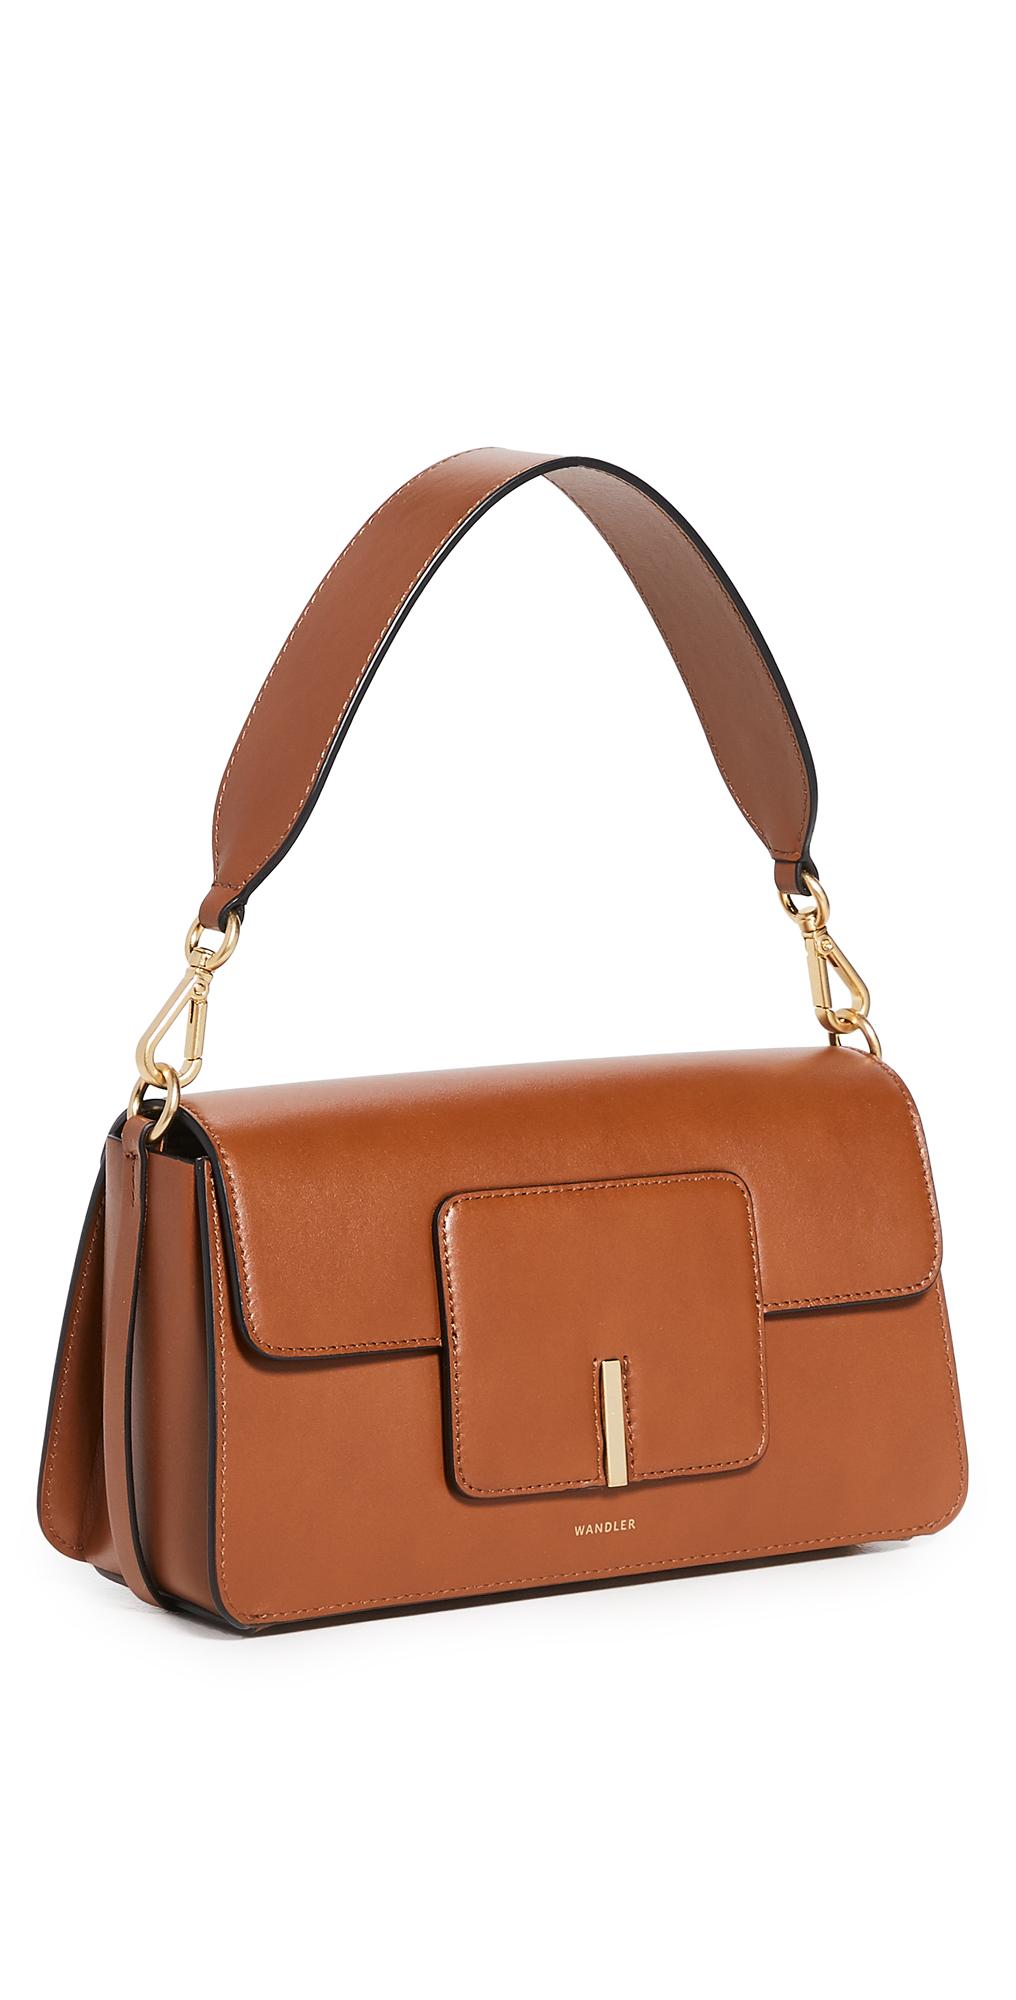 Wandler Bags GEORGIA BAG